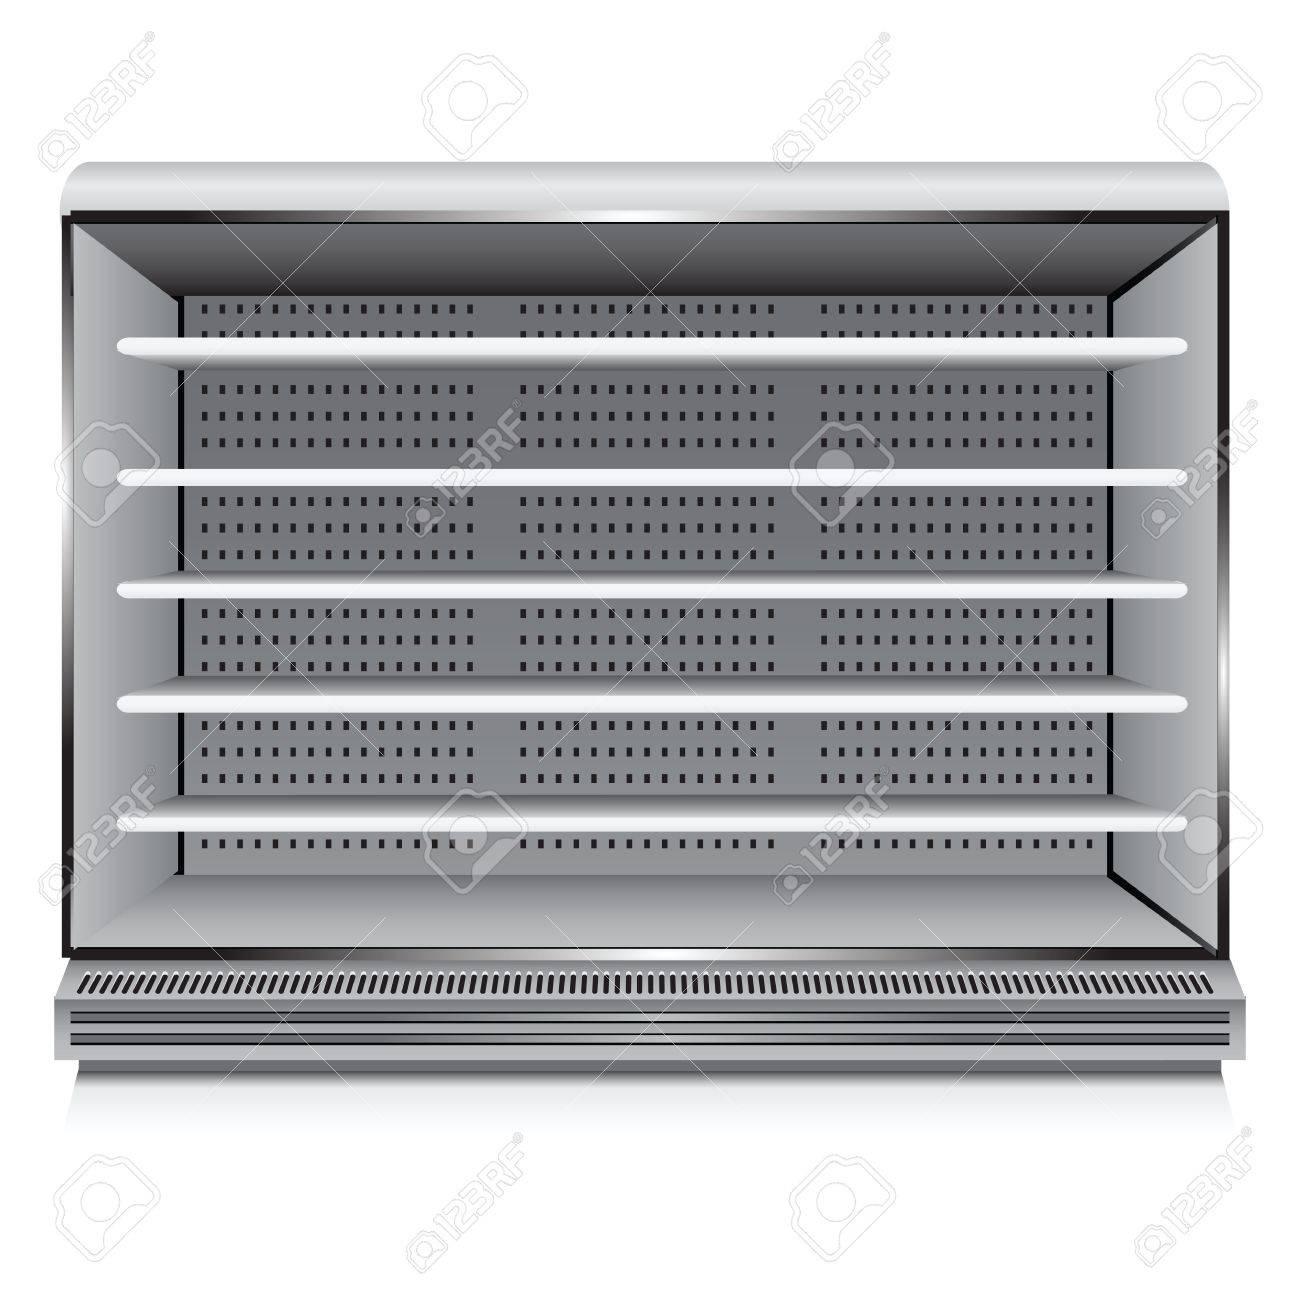 Modern commercial refrigerator for trade organizations. Vector illustration. Stock Vector - 14289474